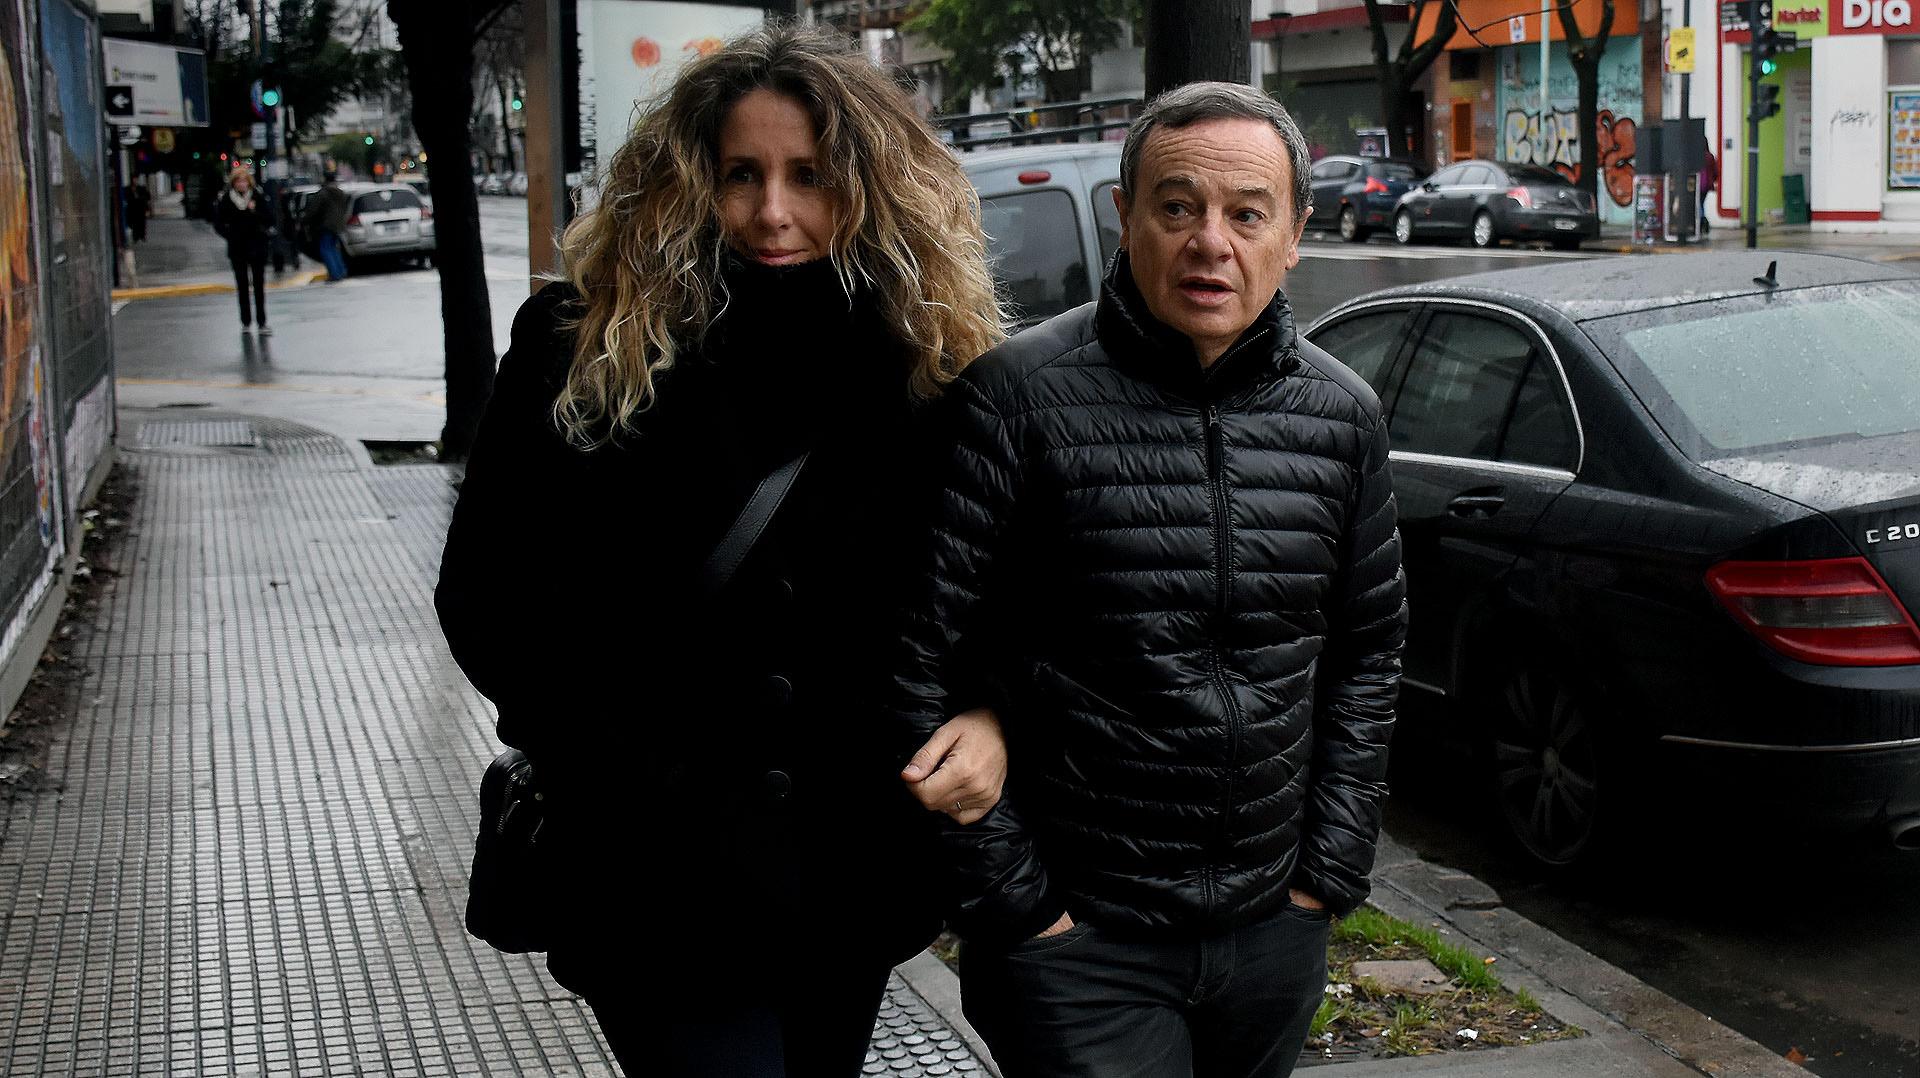 Pablo Codevilla y su mujer Noelí Calvo